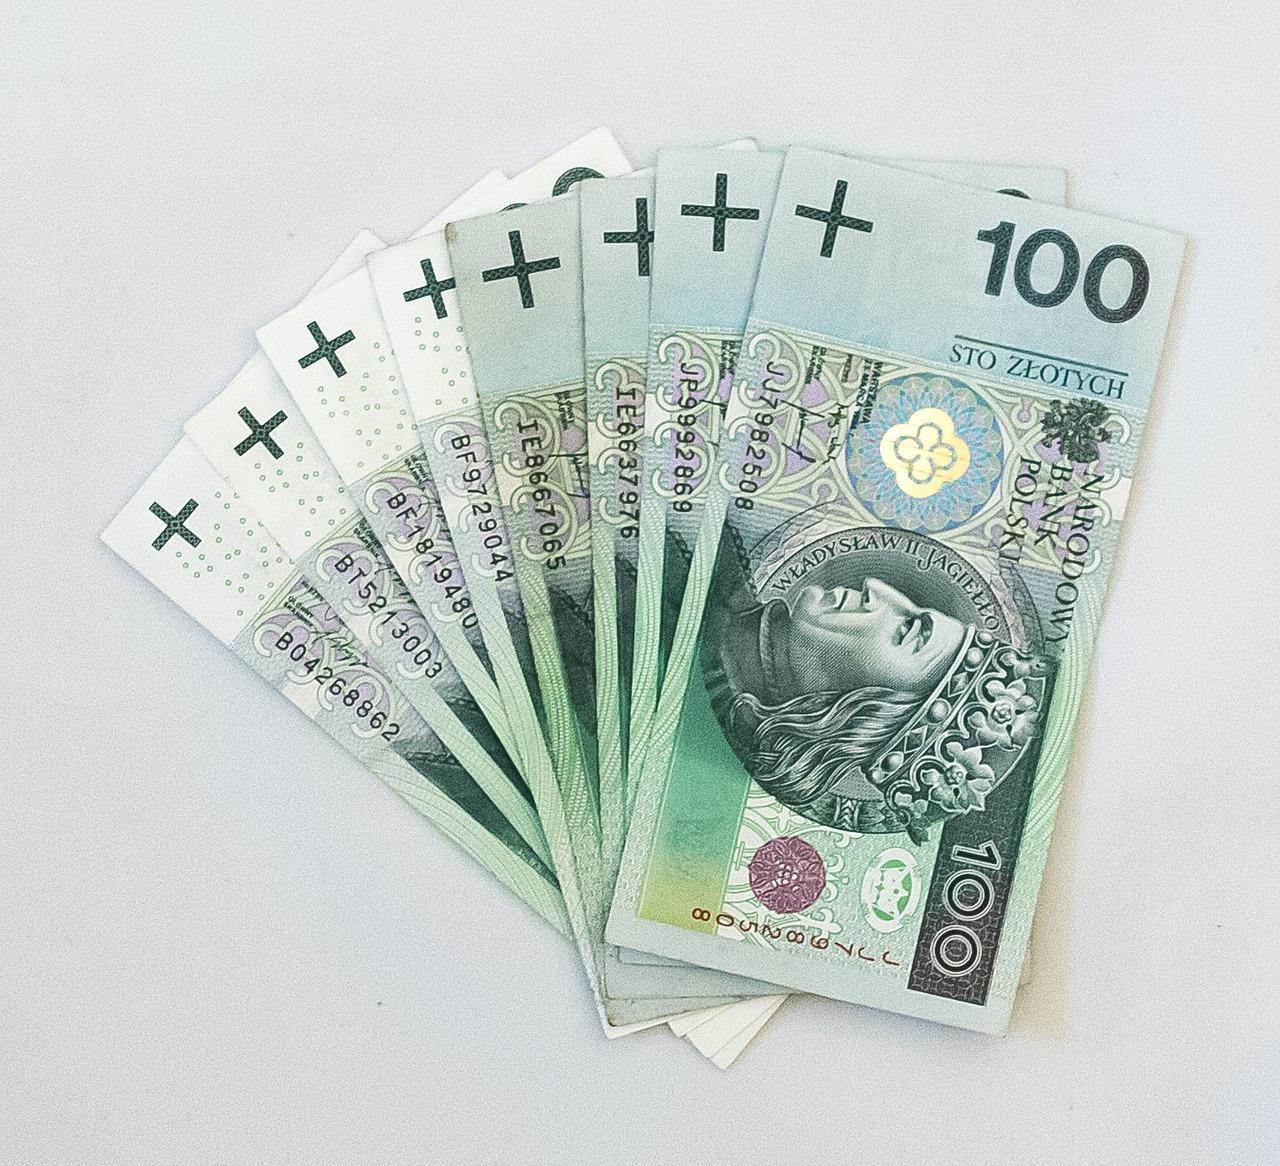 Chwilówki Pożyczki Szybko bez bik krd Łódź